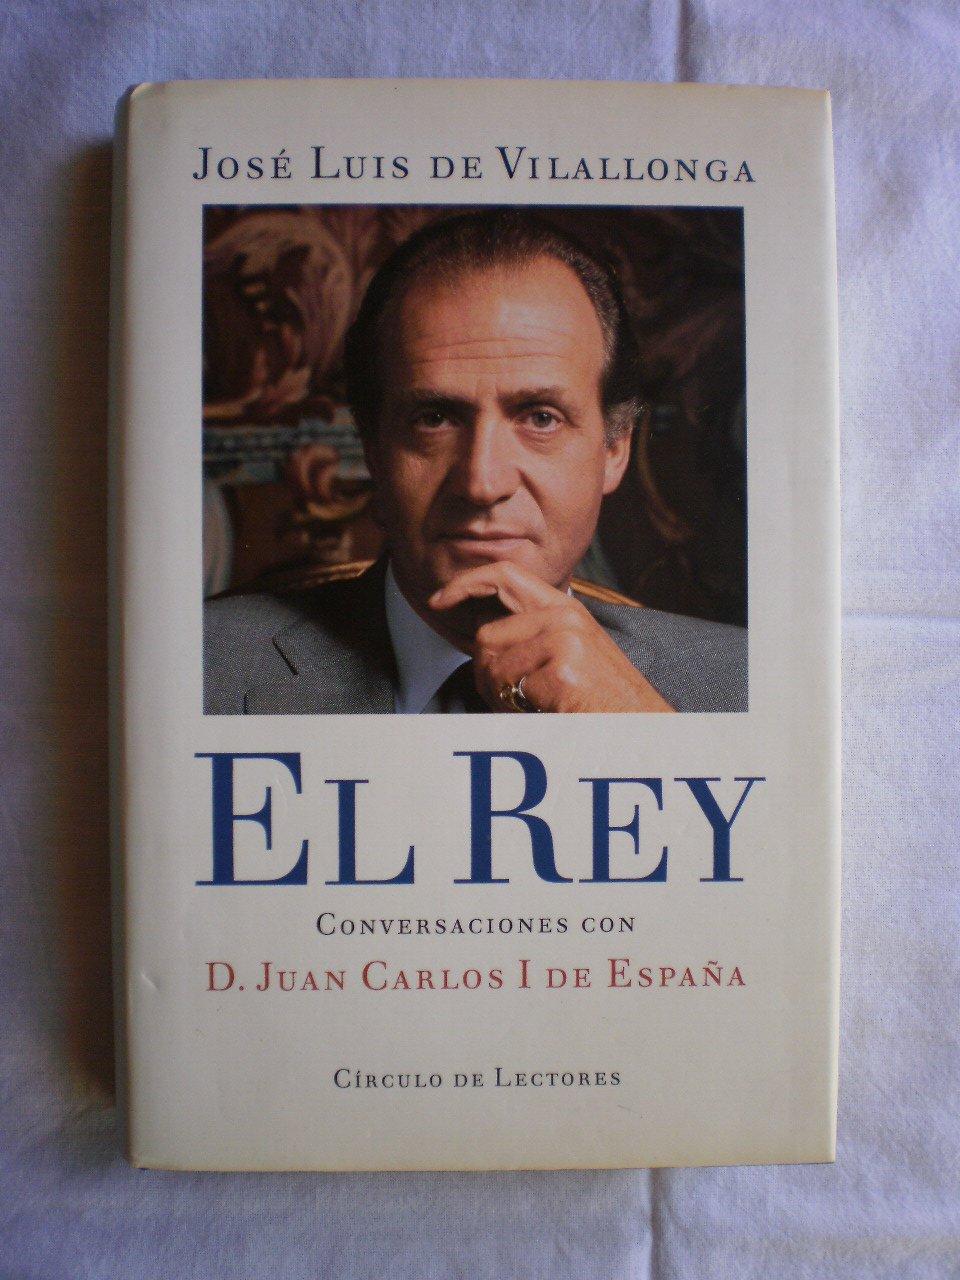 El rey : conversaciones de d. juancarlos I de España: Amazon.es: Vilallonga, Jose Luis De: Libros